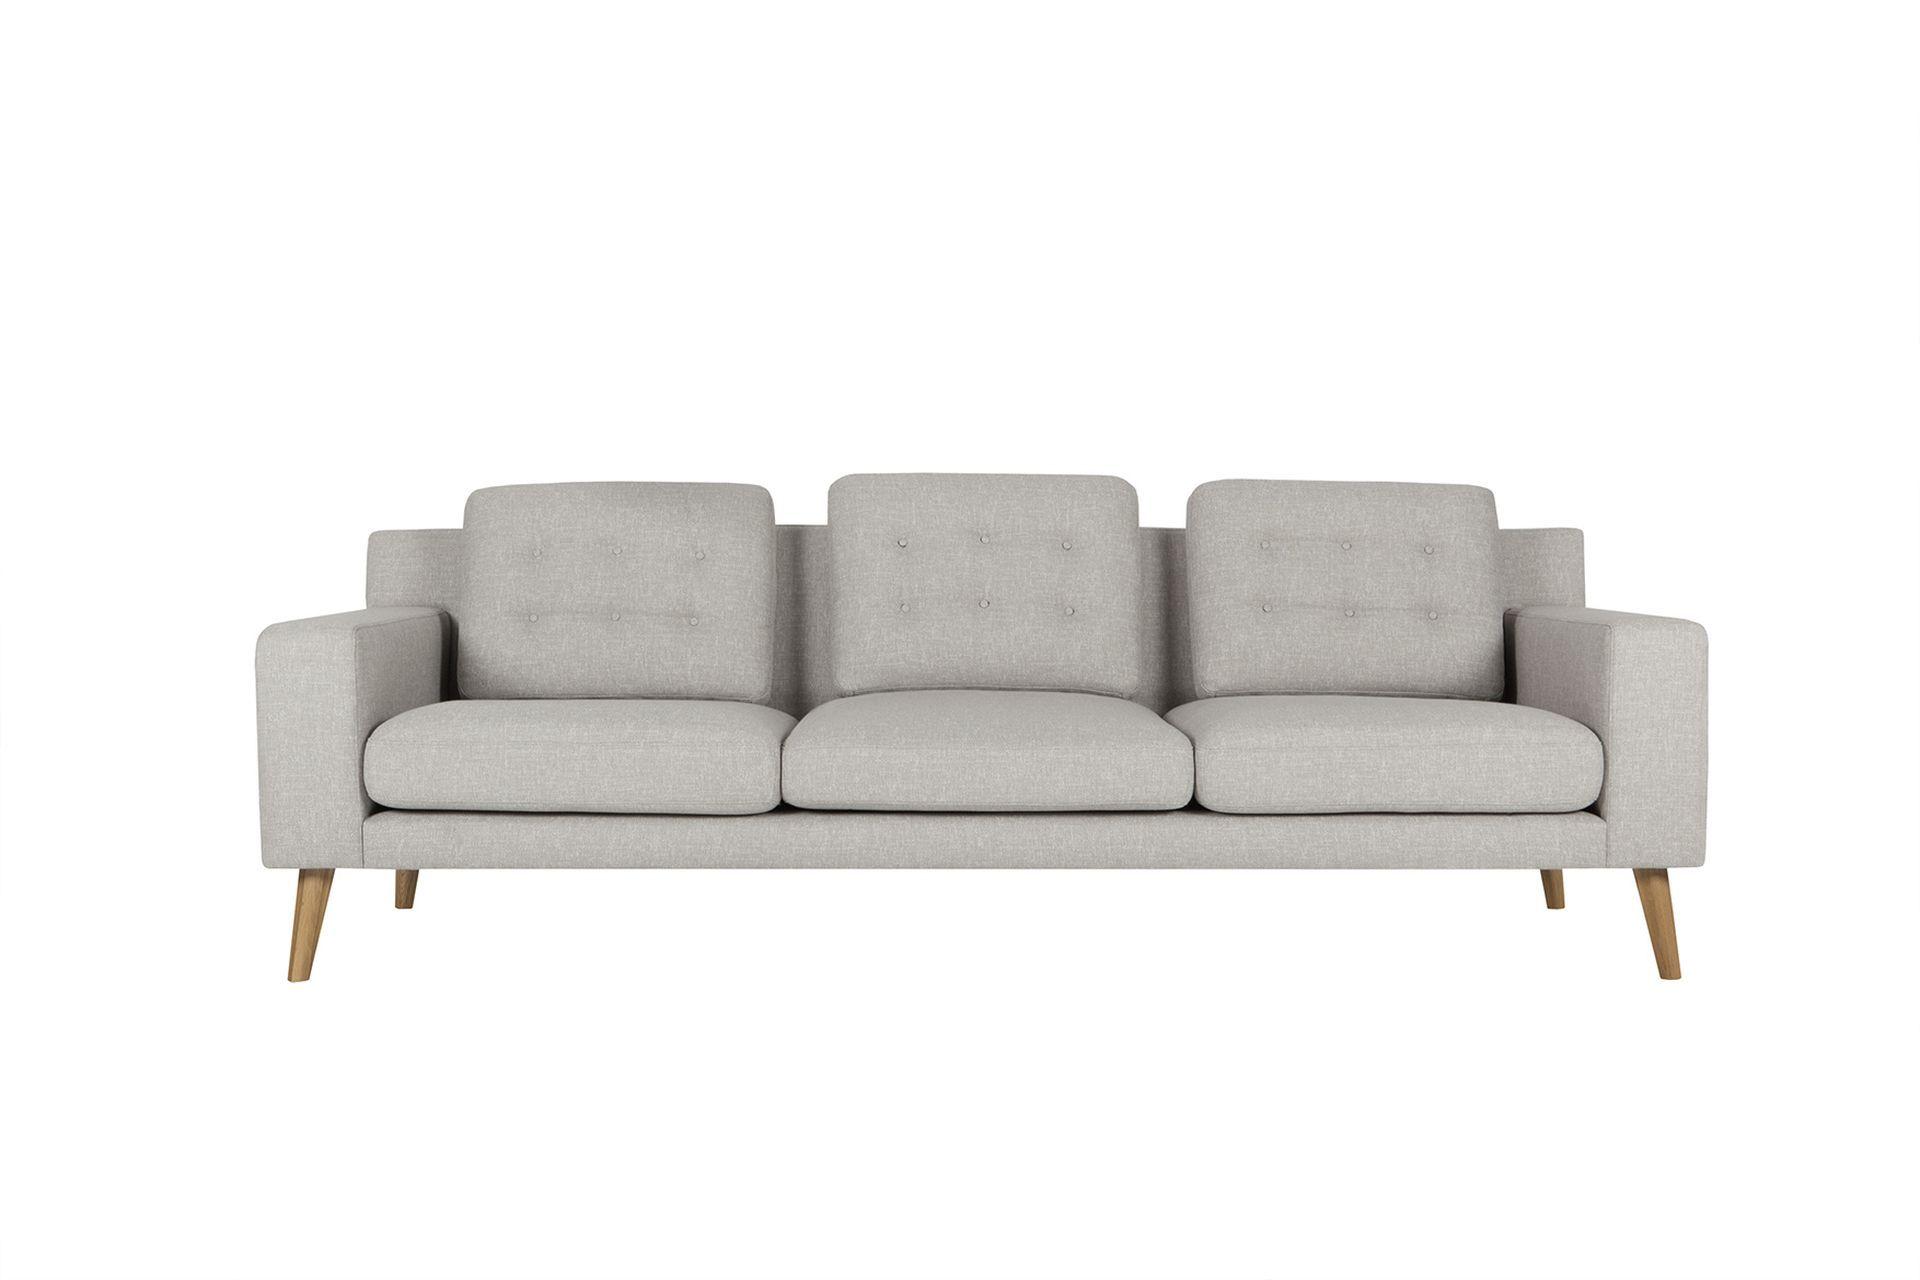 Диван axel (sits) серый 246x83x93 см.